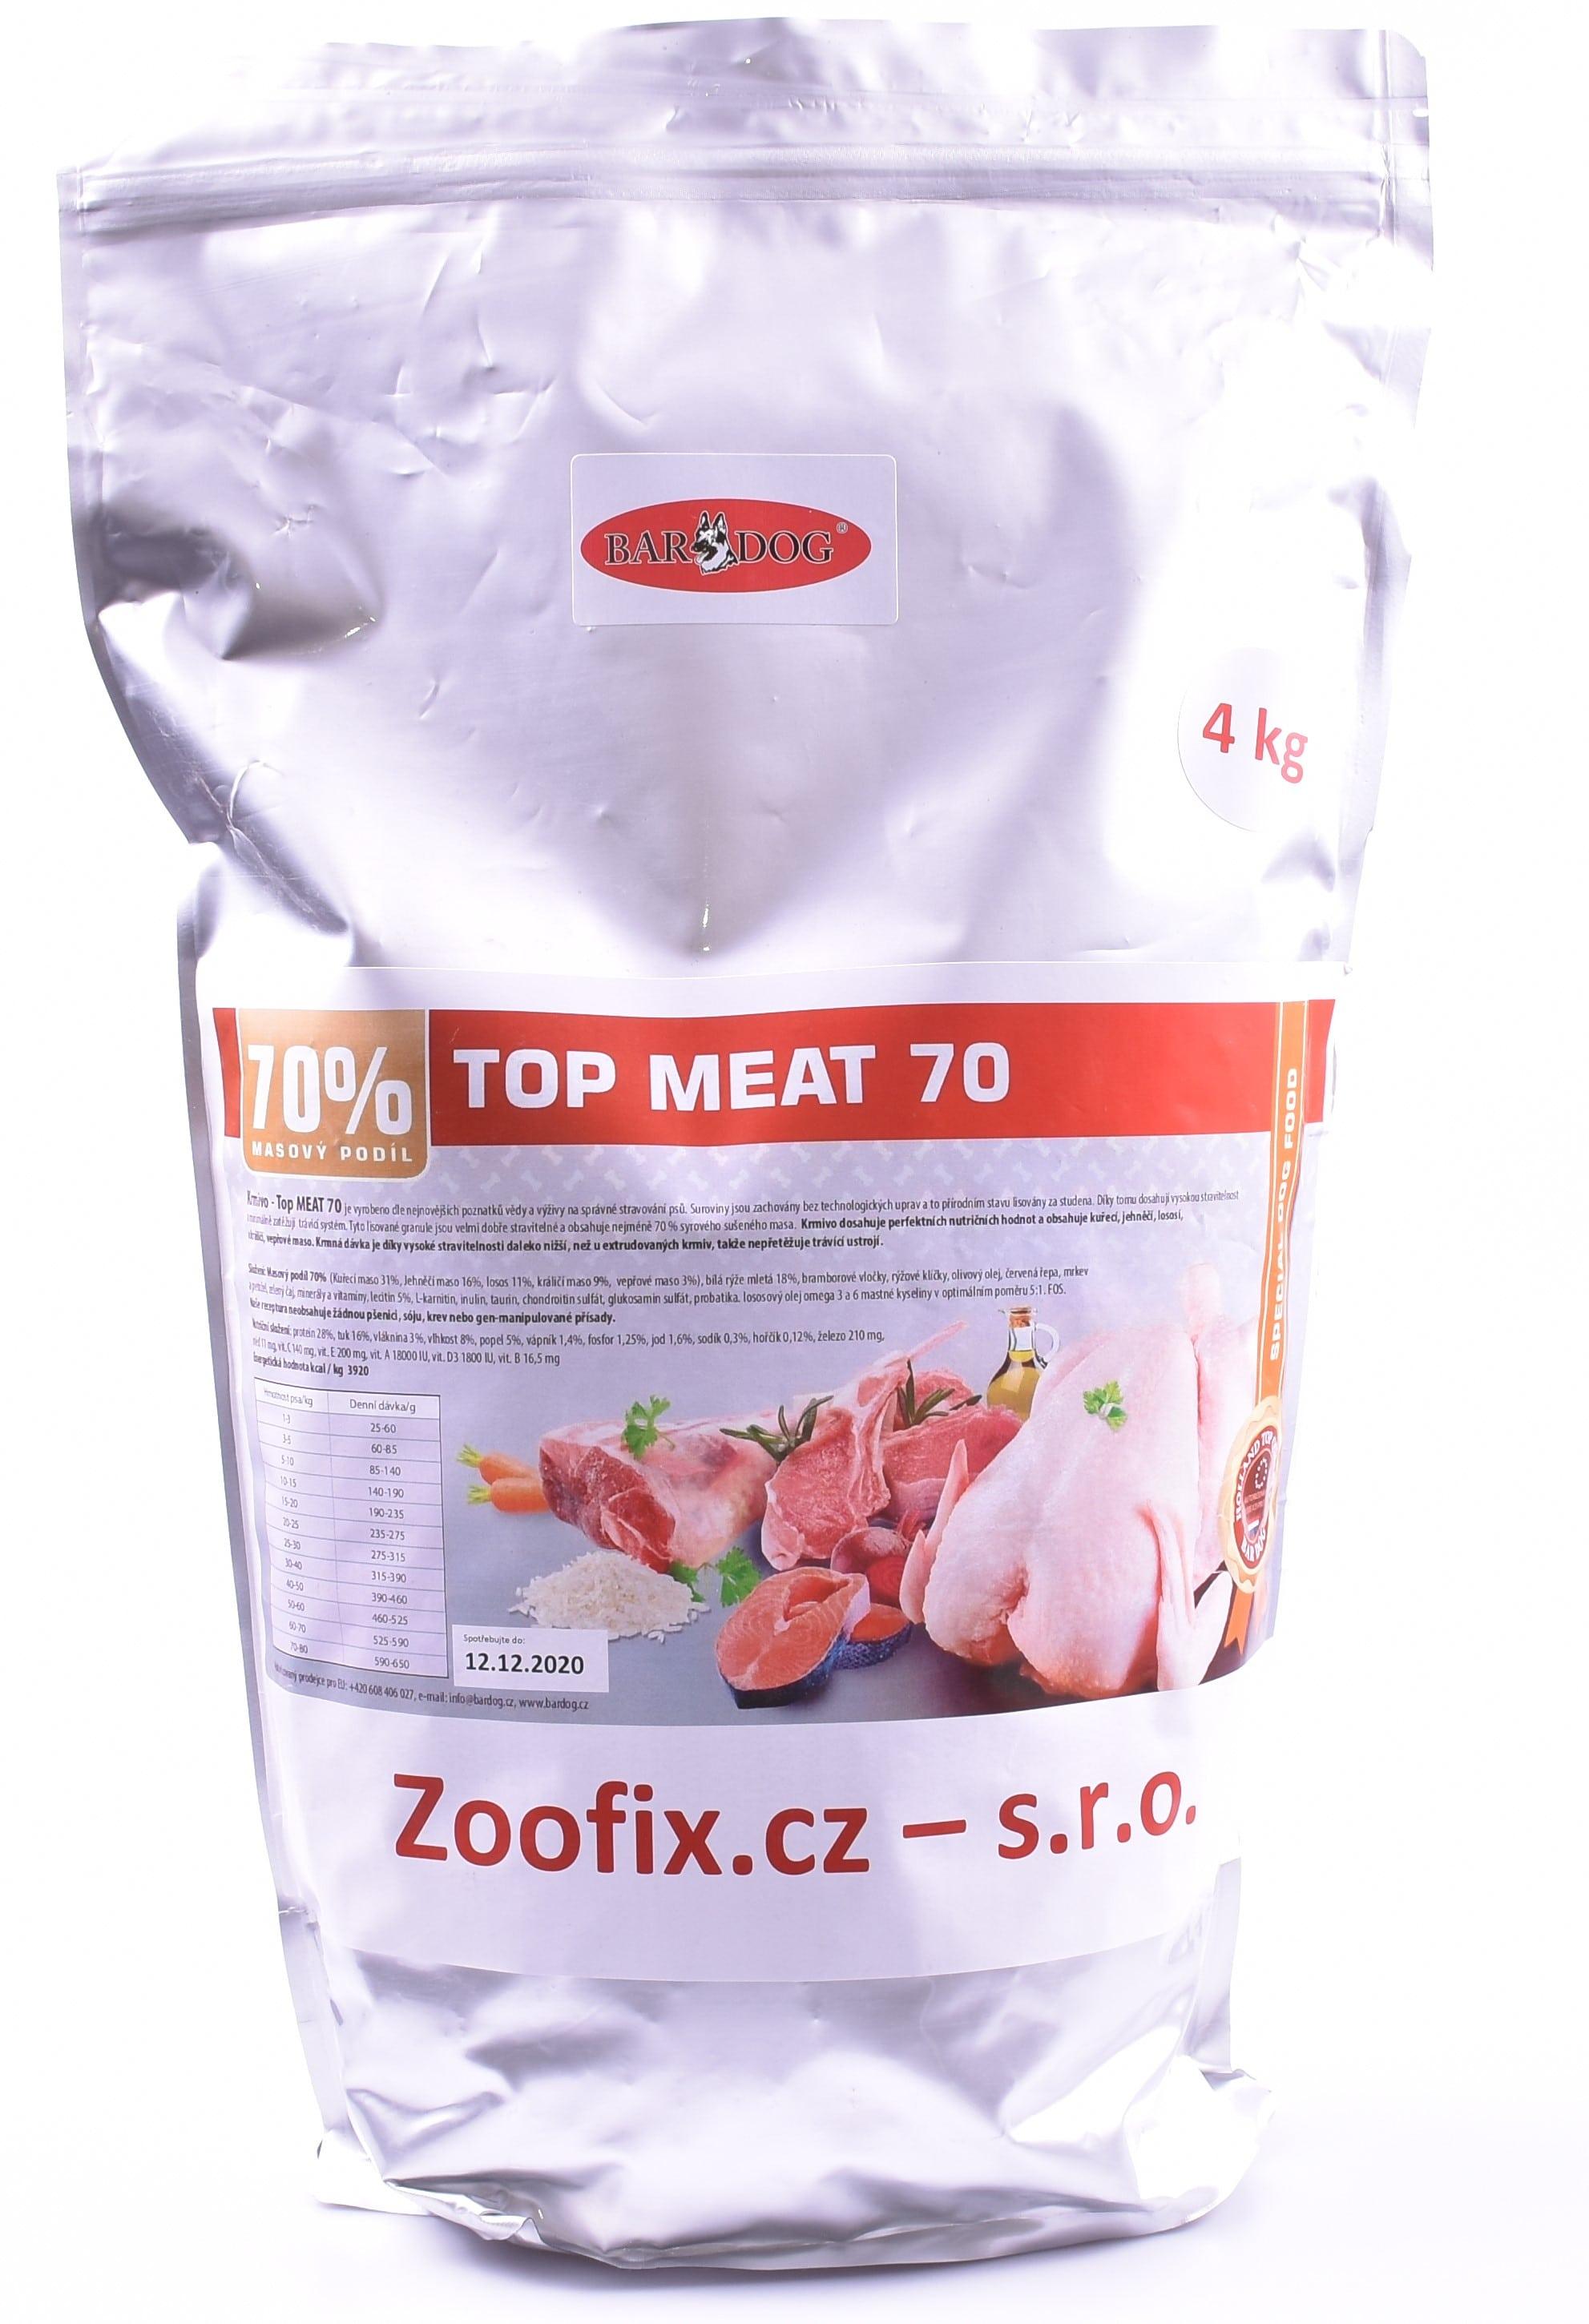 Bardog granule lisované za studena Top Meat 70% balení: 4 kg